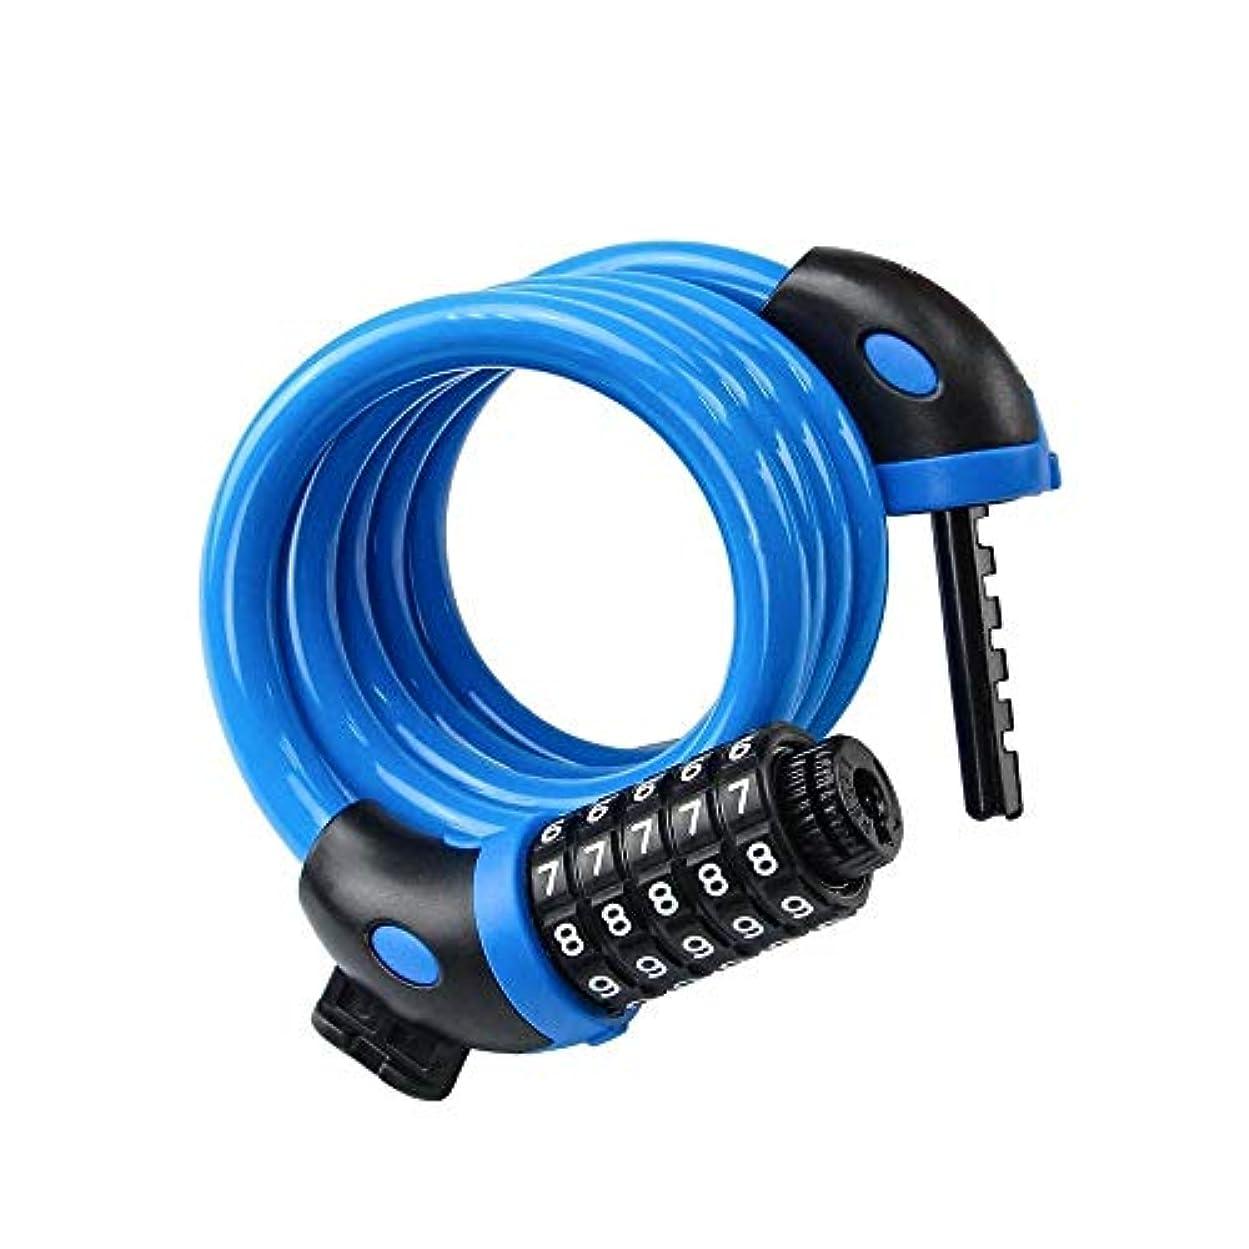 セール腫瘍絶縁するJinshandianliao 自転車5桁コードロック、マウンテンバイクワイヤーロック、盗難防止、アンチカットユニバーサルロック、カラフルなパスワードロック、長さ47インチ (Color : Blue - 47 inches)